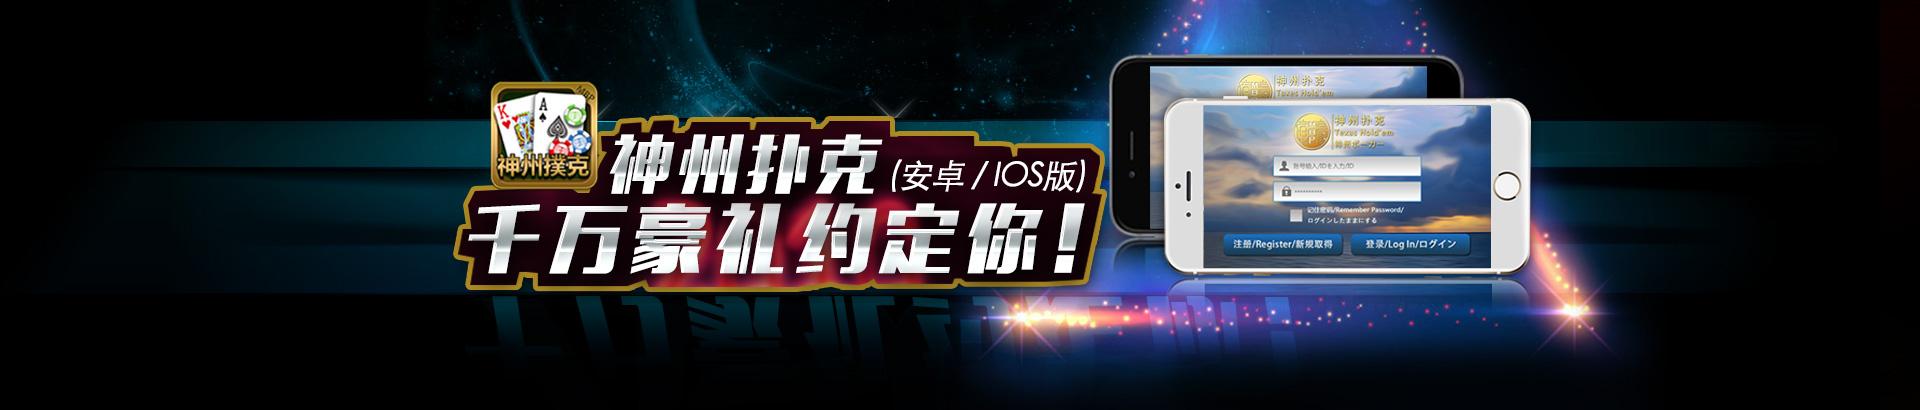 《神州扑克》安卓版和IOS版正式上线运行!千万豪礼约定你!